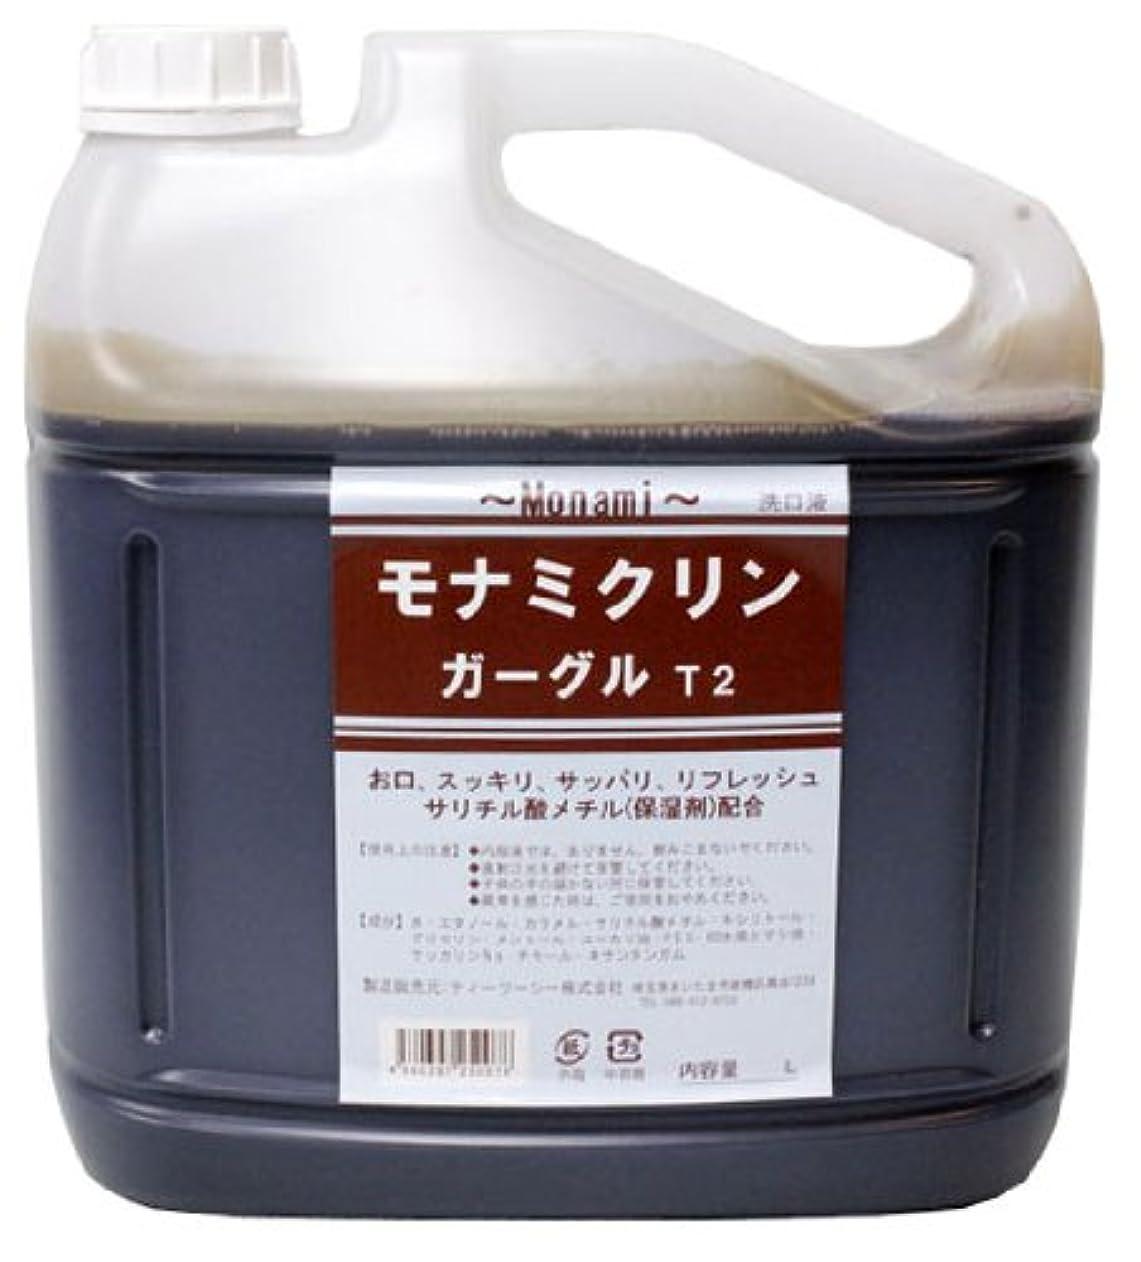 八改修するゴミ箱【業務用】モナミ クリンガーグルT2 5リットル サリチル酸メチル配合